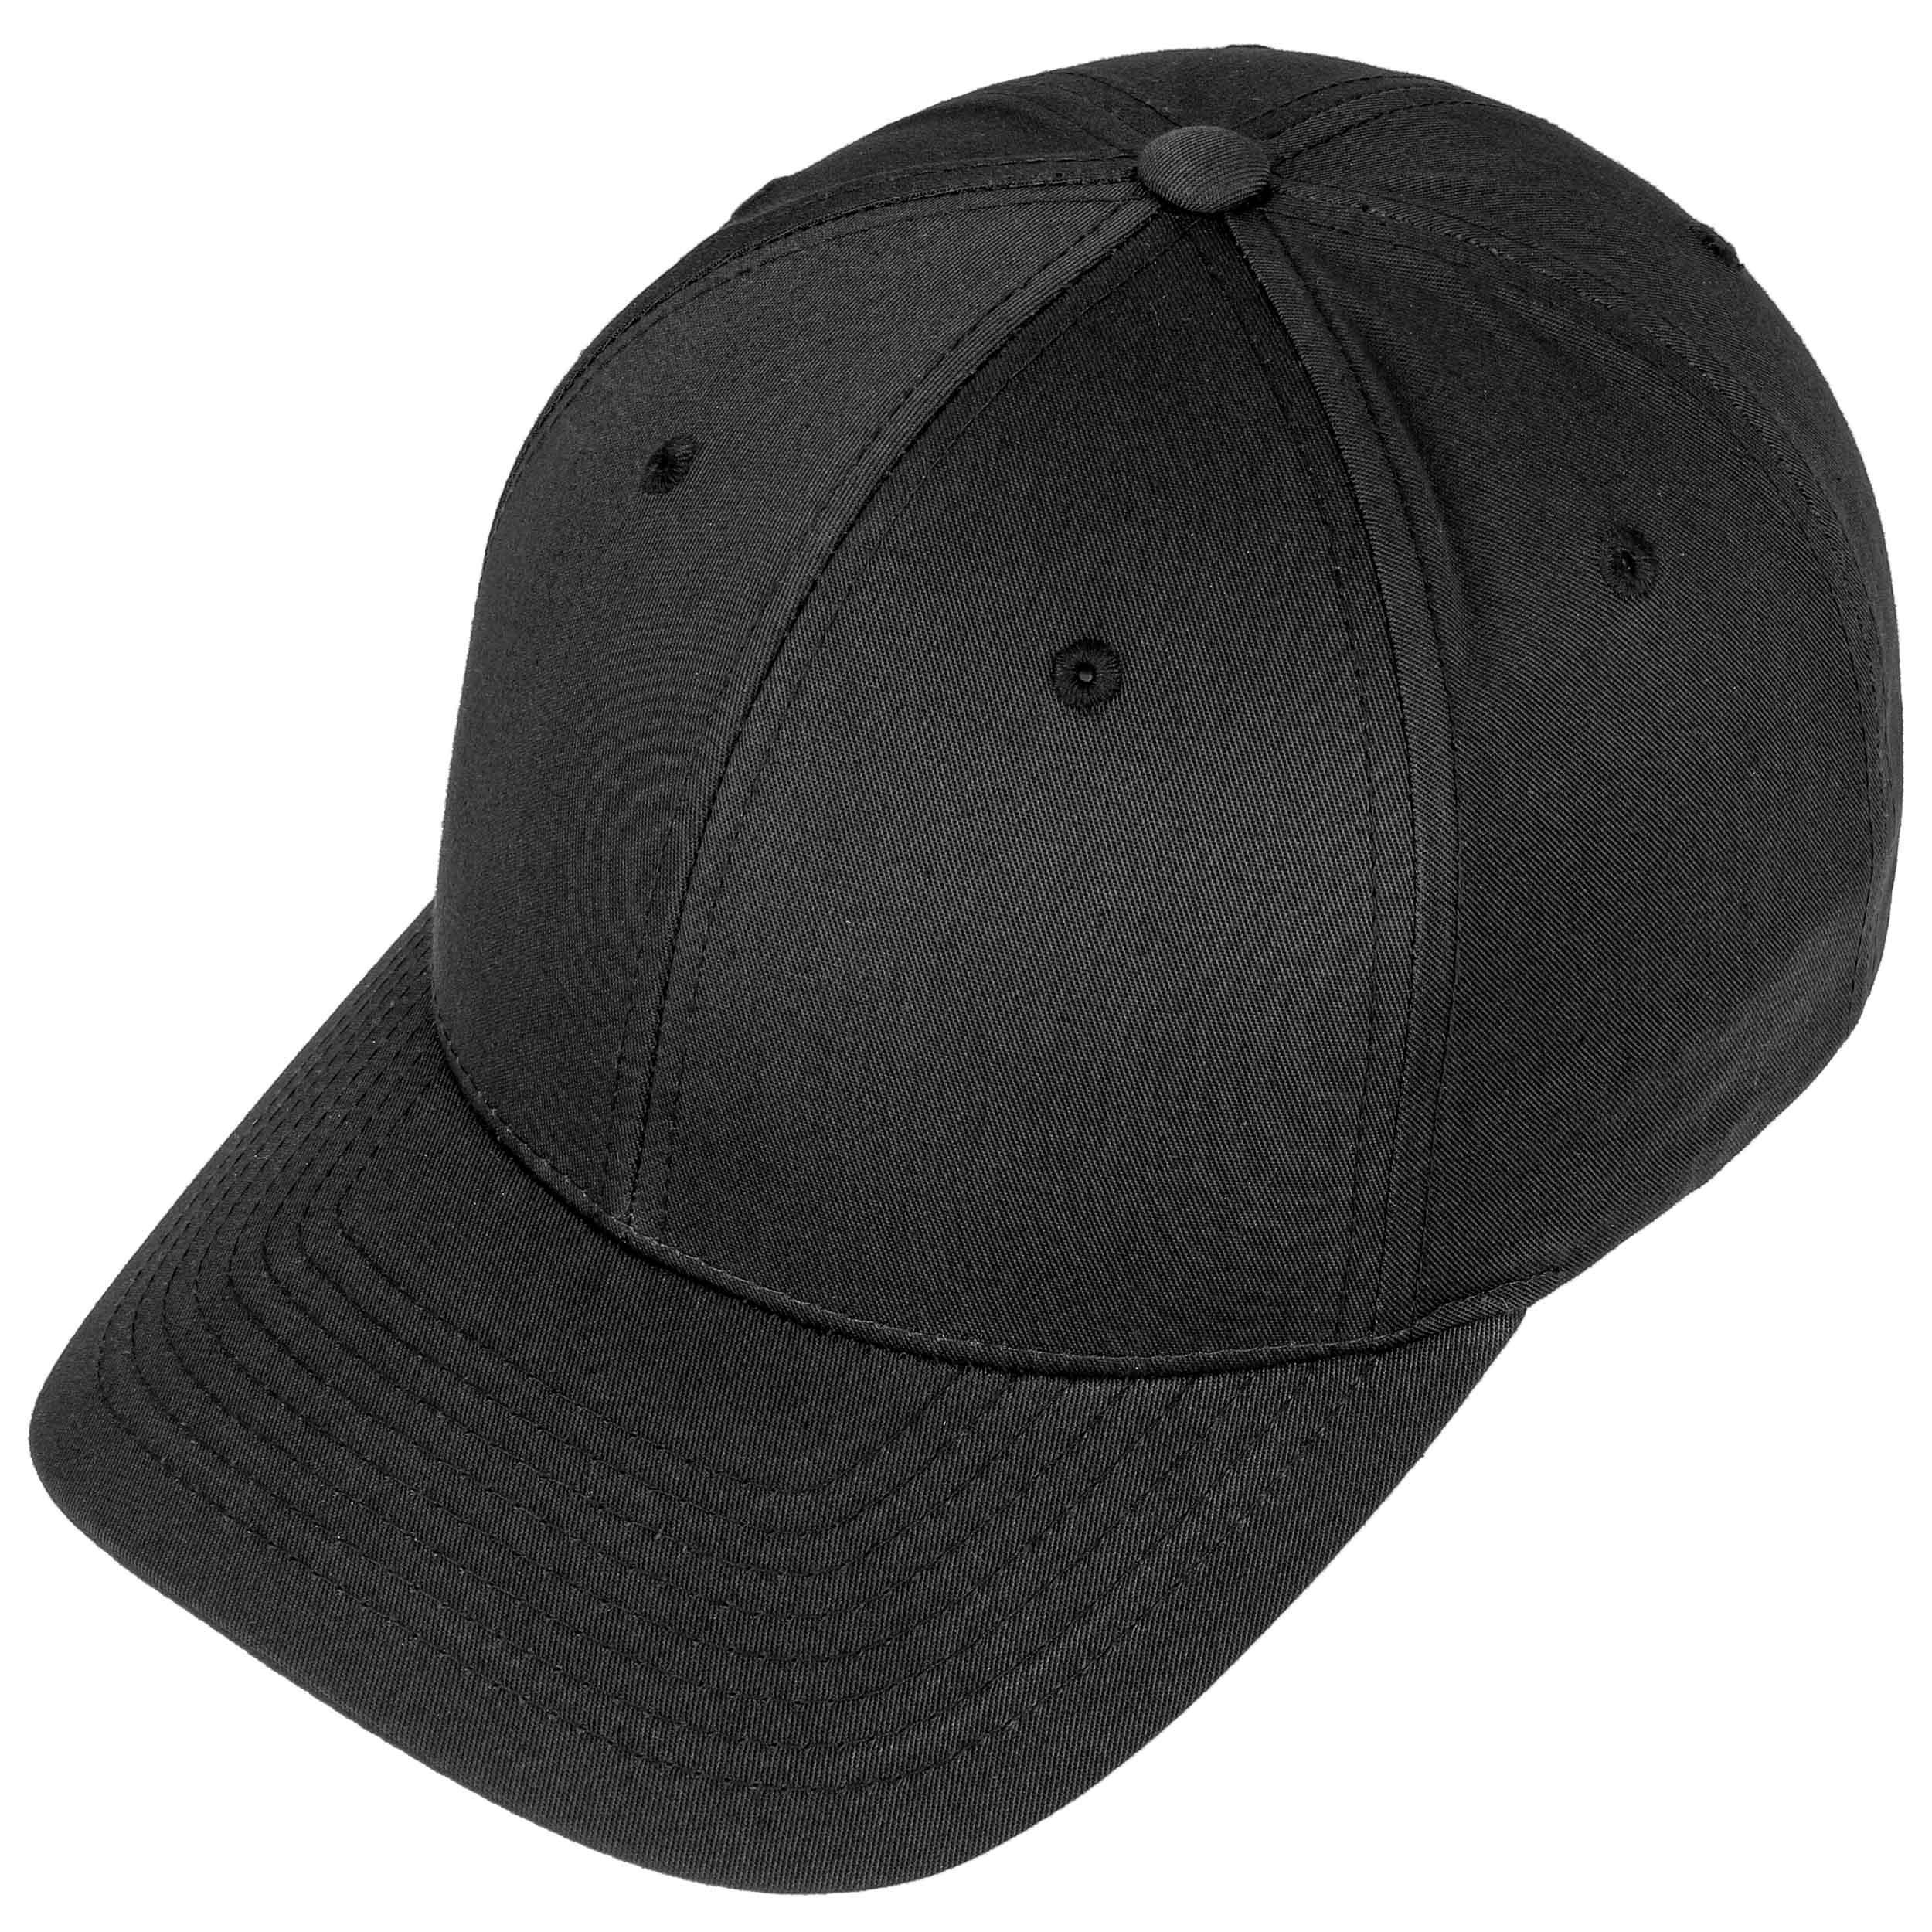 ... Classic Curved Snapback Cap - black 1 ... c262ff2c5c6